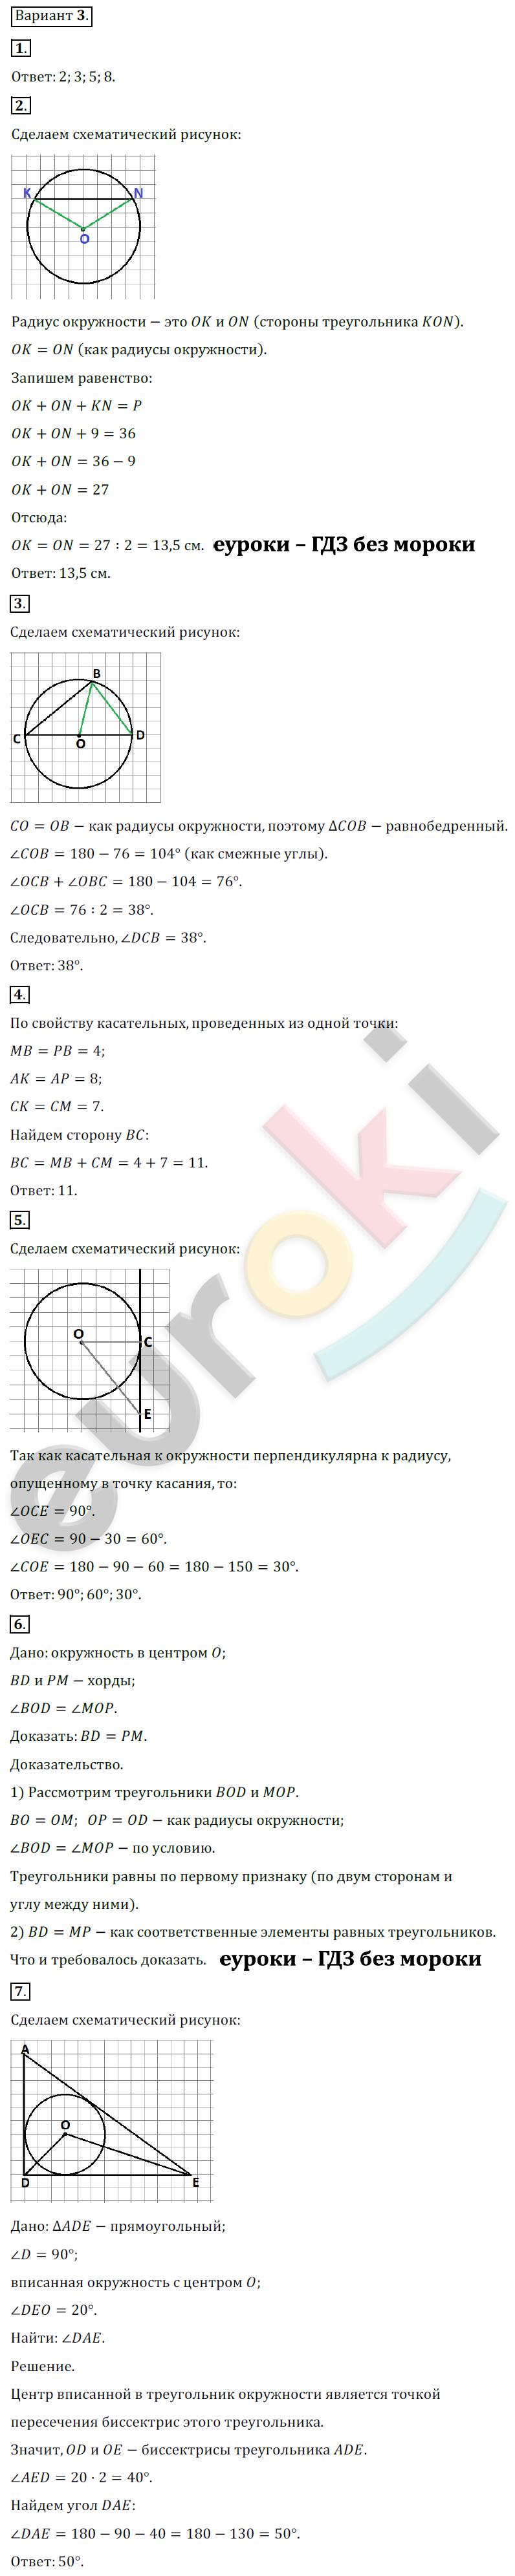 ГДЗ по геометрии 7 класс контрольные работы Мельникова, Погорелов Экзамен ответы и решения онлайн КР-5. Окружность. Геометрические построения. Задание: Вариант 3